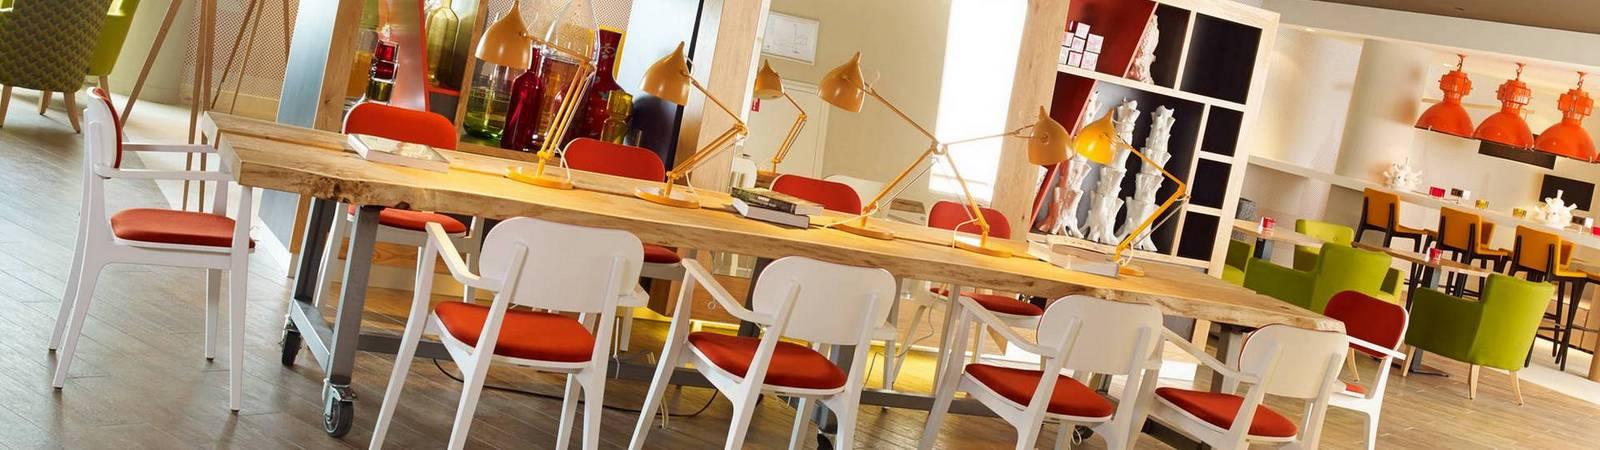 Perla tafels panorama 02